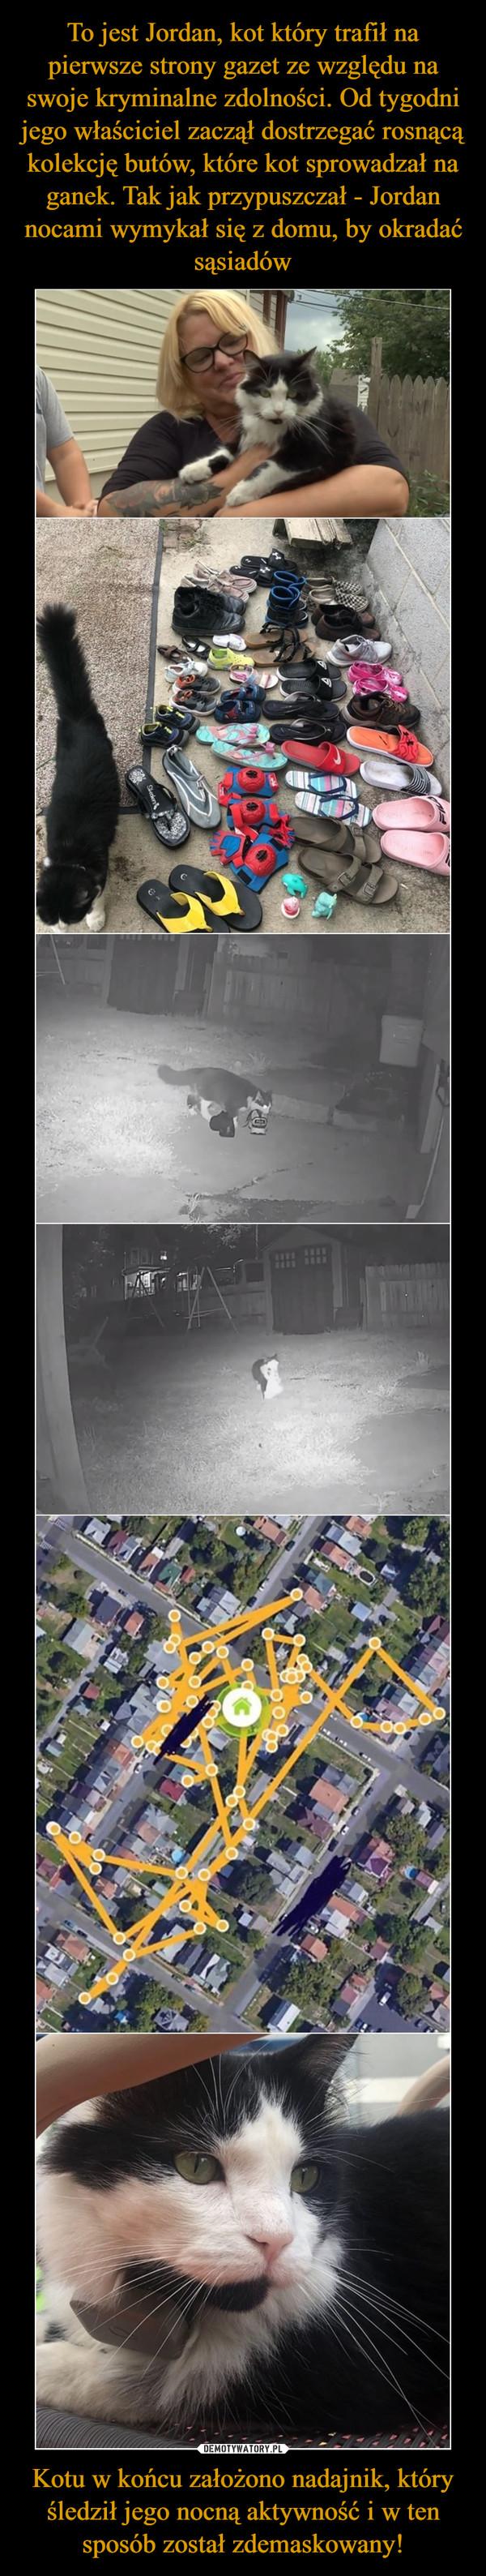 To jest Jordan, kot który trafił na pierwsze strony gazet ze względu na swoje kryminalne zdolności. Od tygodni jego właściciel zaczął dostrzegać rosnącą kolekcję butów, które kot sprowadzał na ganek. Tak jak przypuszczał - Jordan nocami wymykał się z domu, by okradać sąsiadów Kotu w końcu założono nadajnik, który śledził jego nocną aktywność i w ten sposób został zdemaskowany!